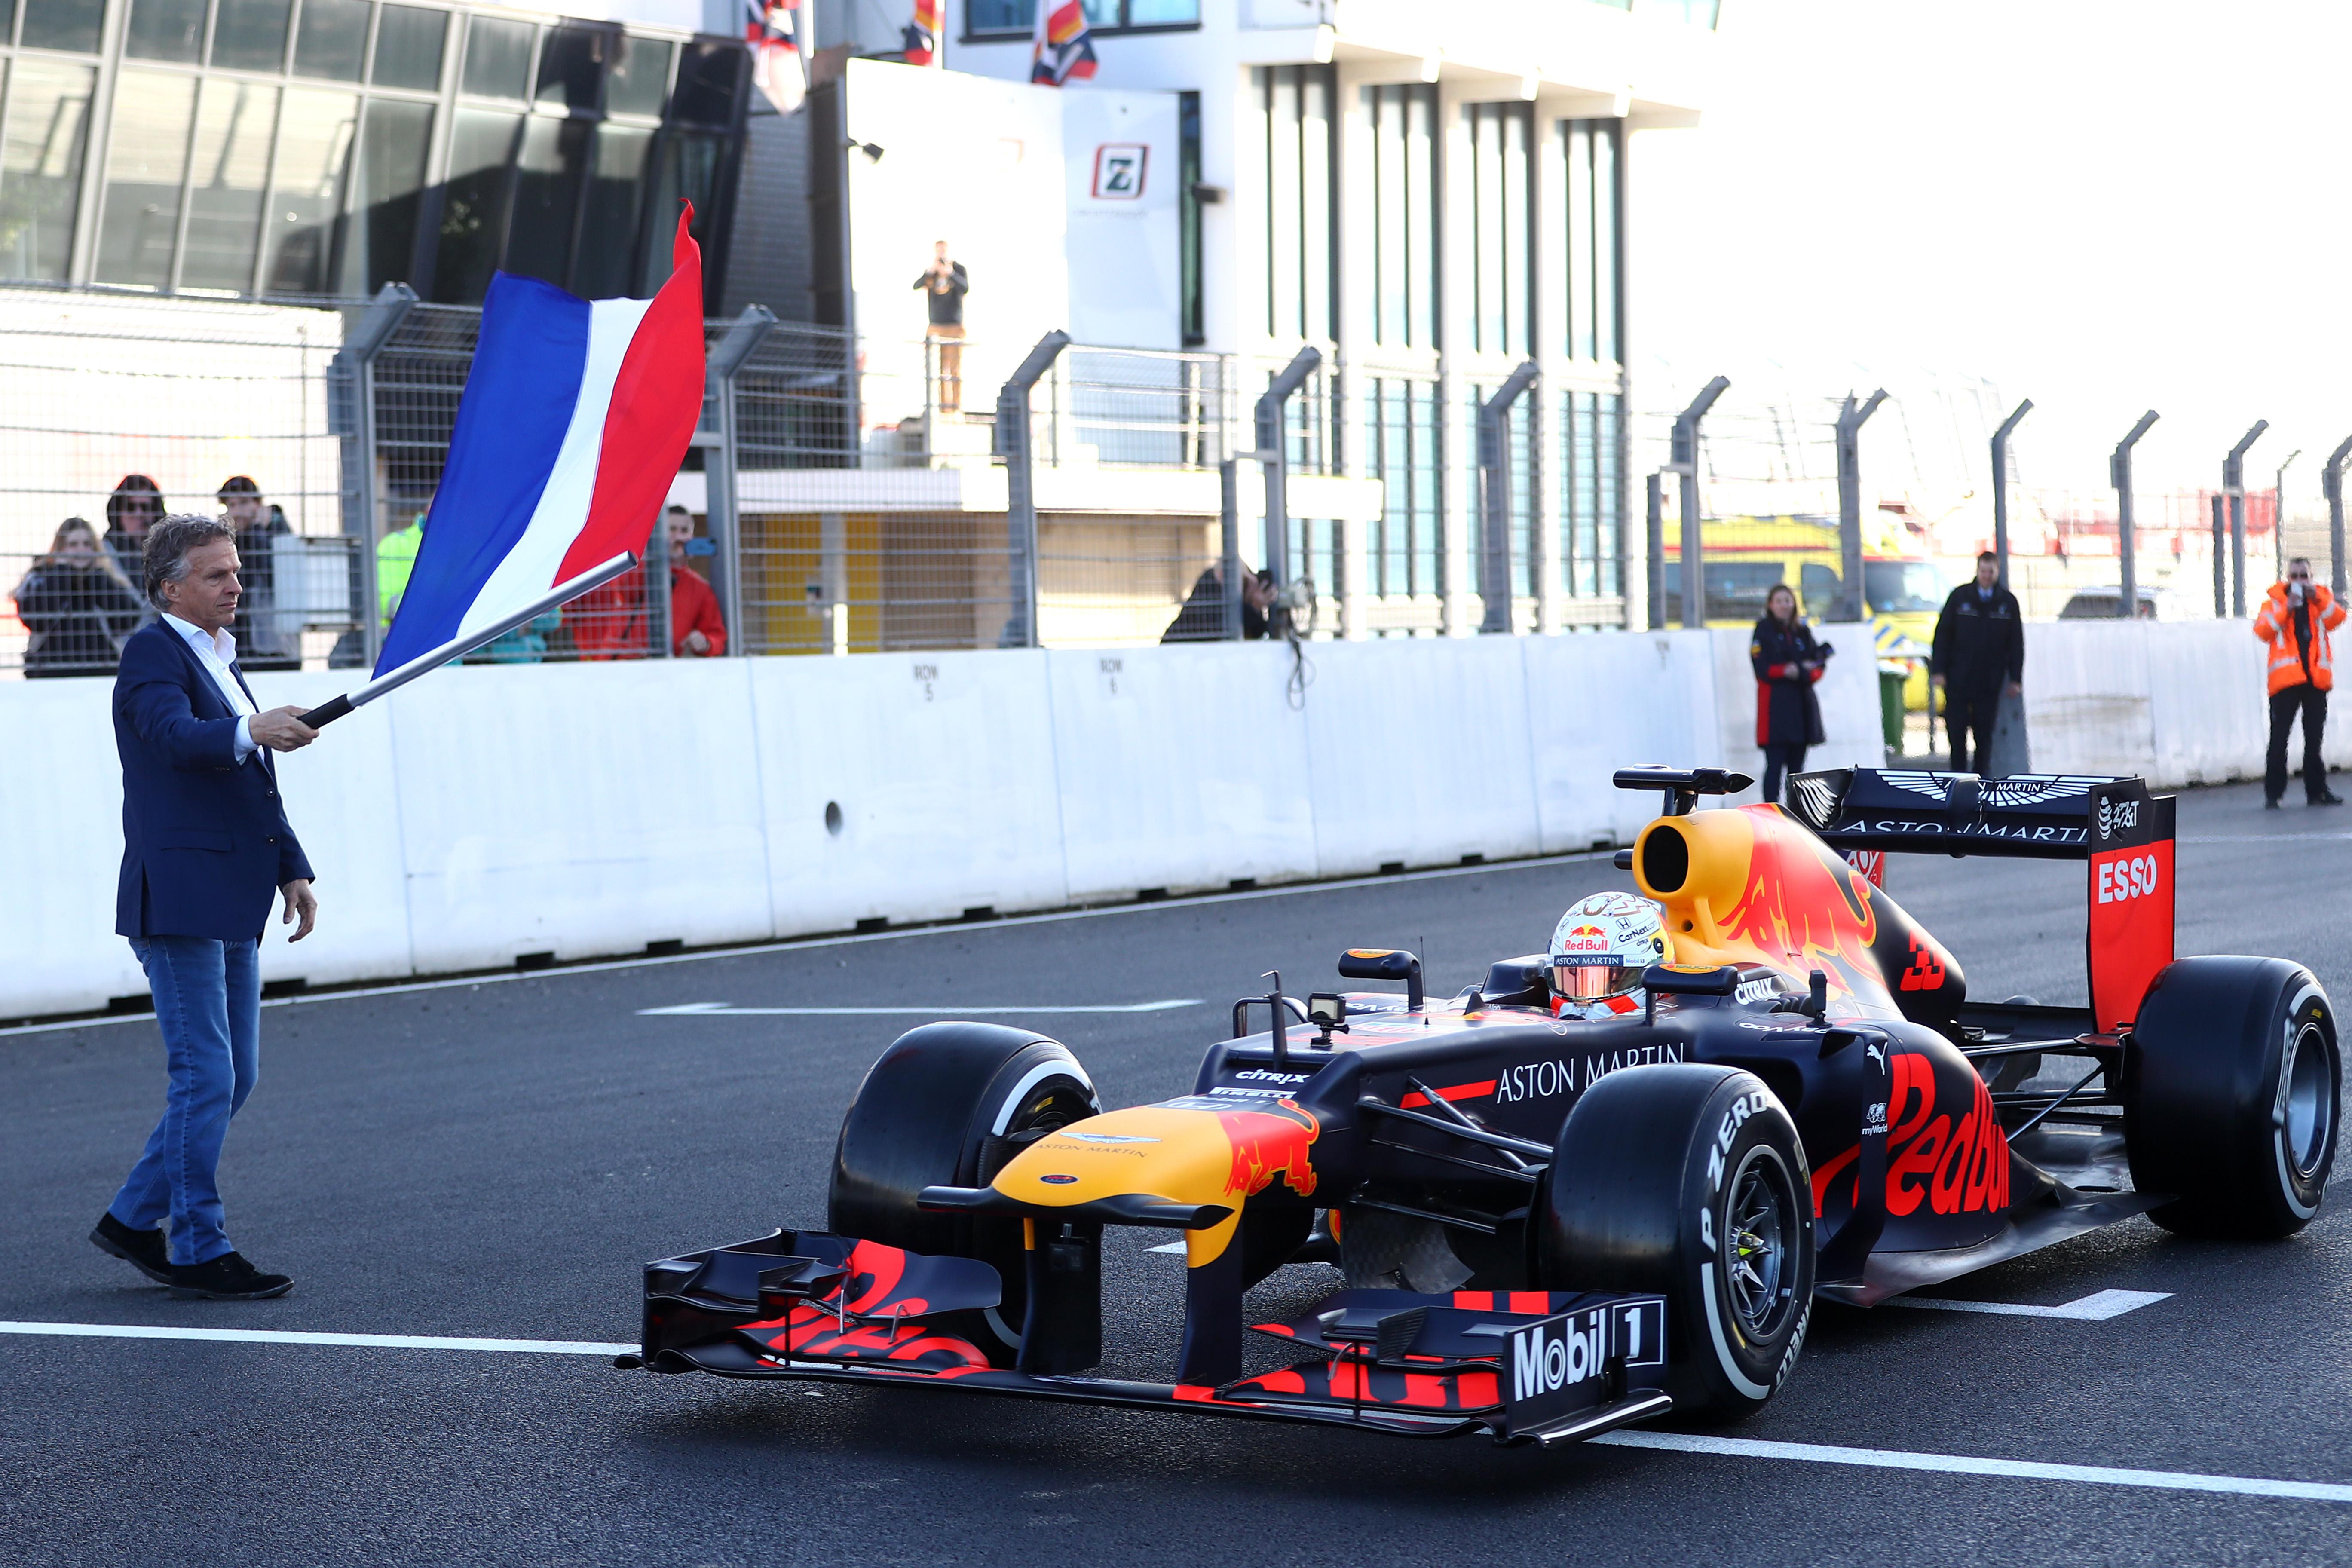 Officiële opening van circuit Zandvoort door Max Verstappen